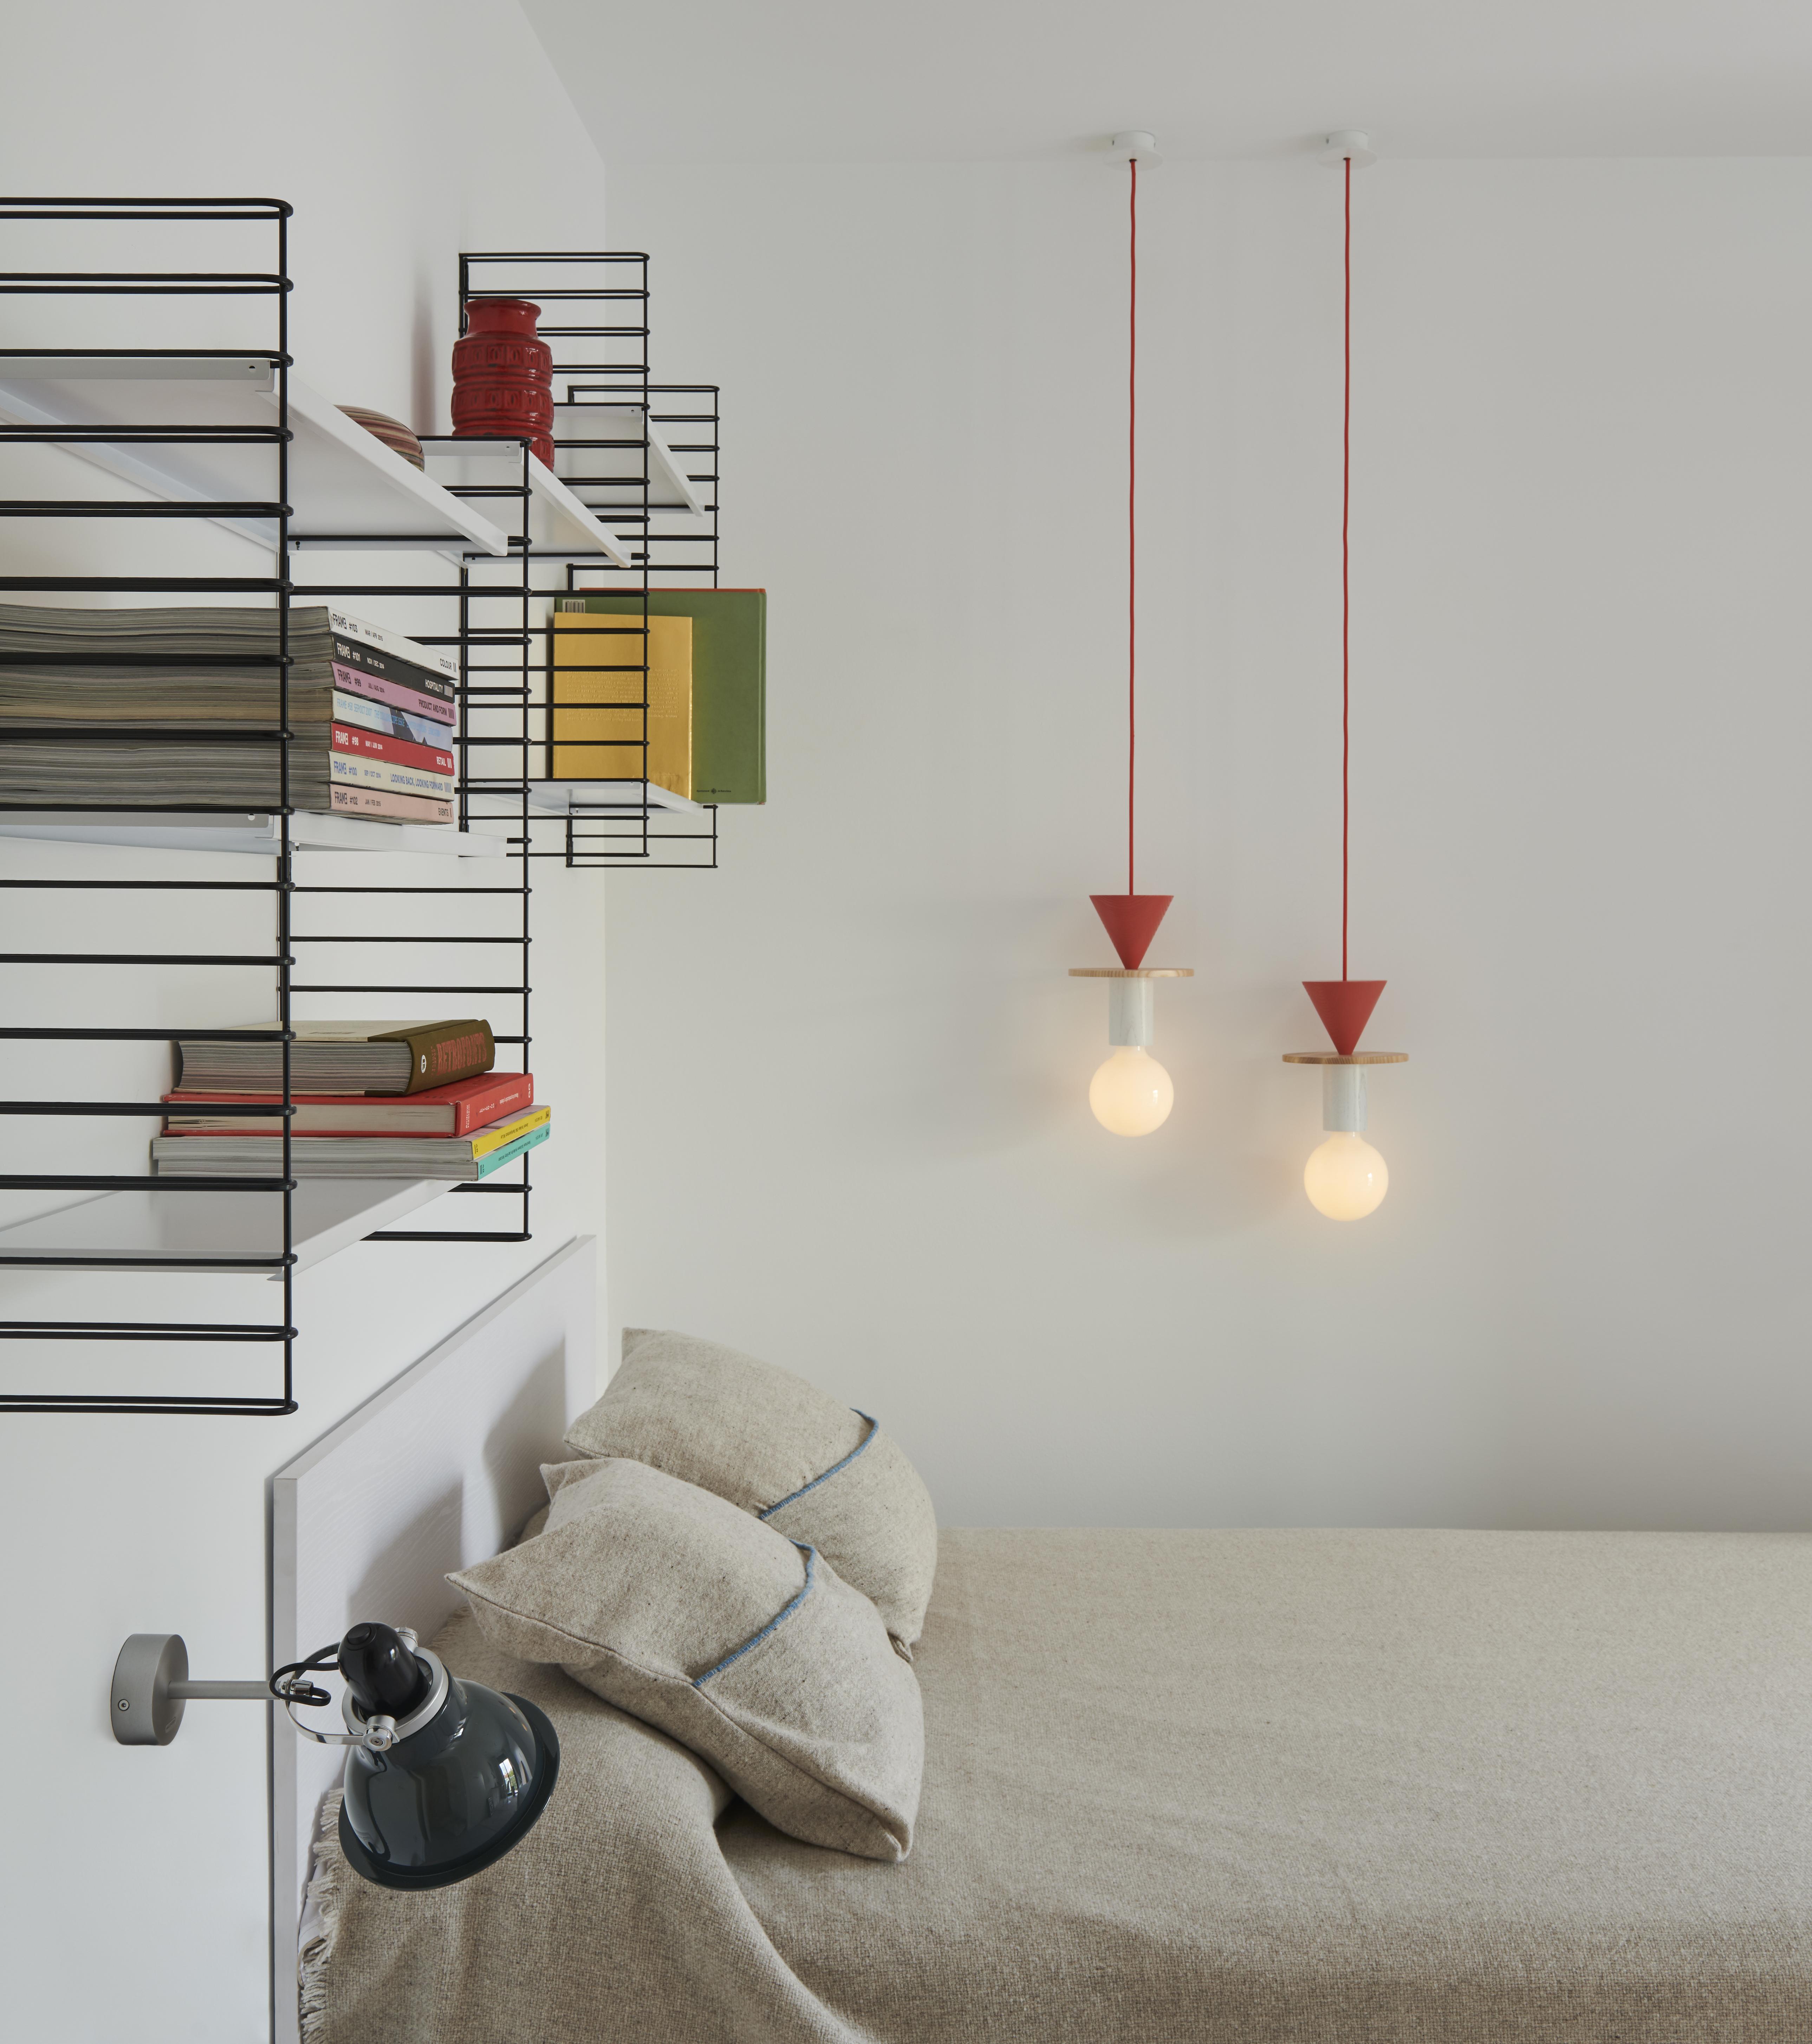 Destacan las lámparas y las estanterías de pared